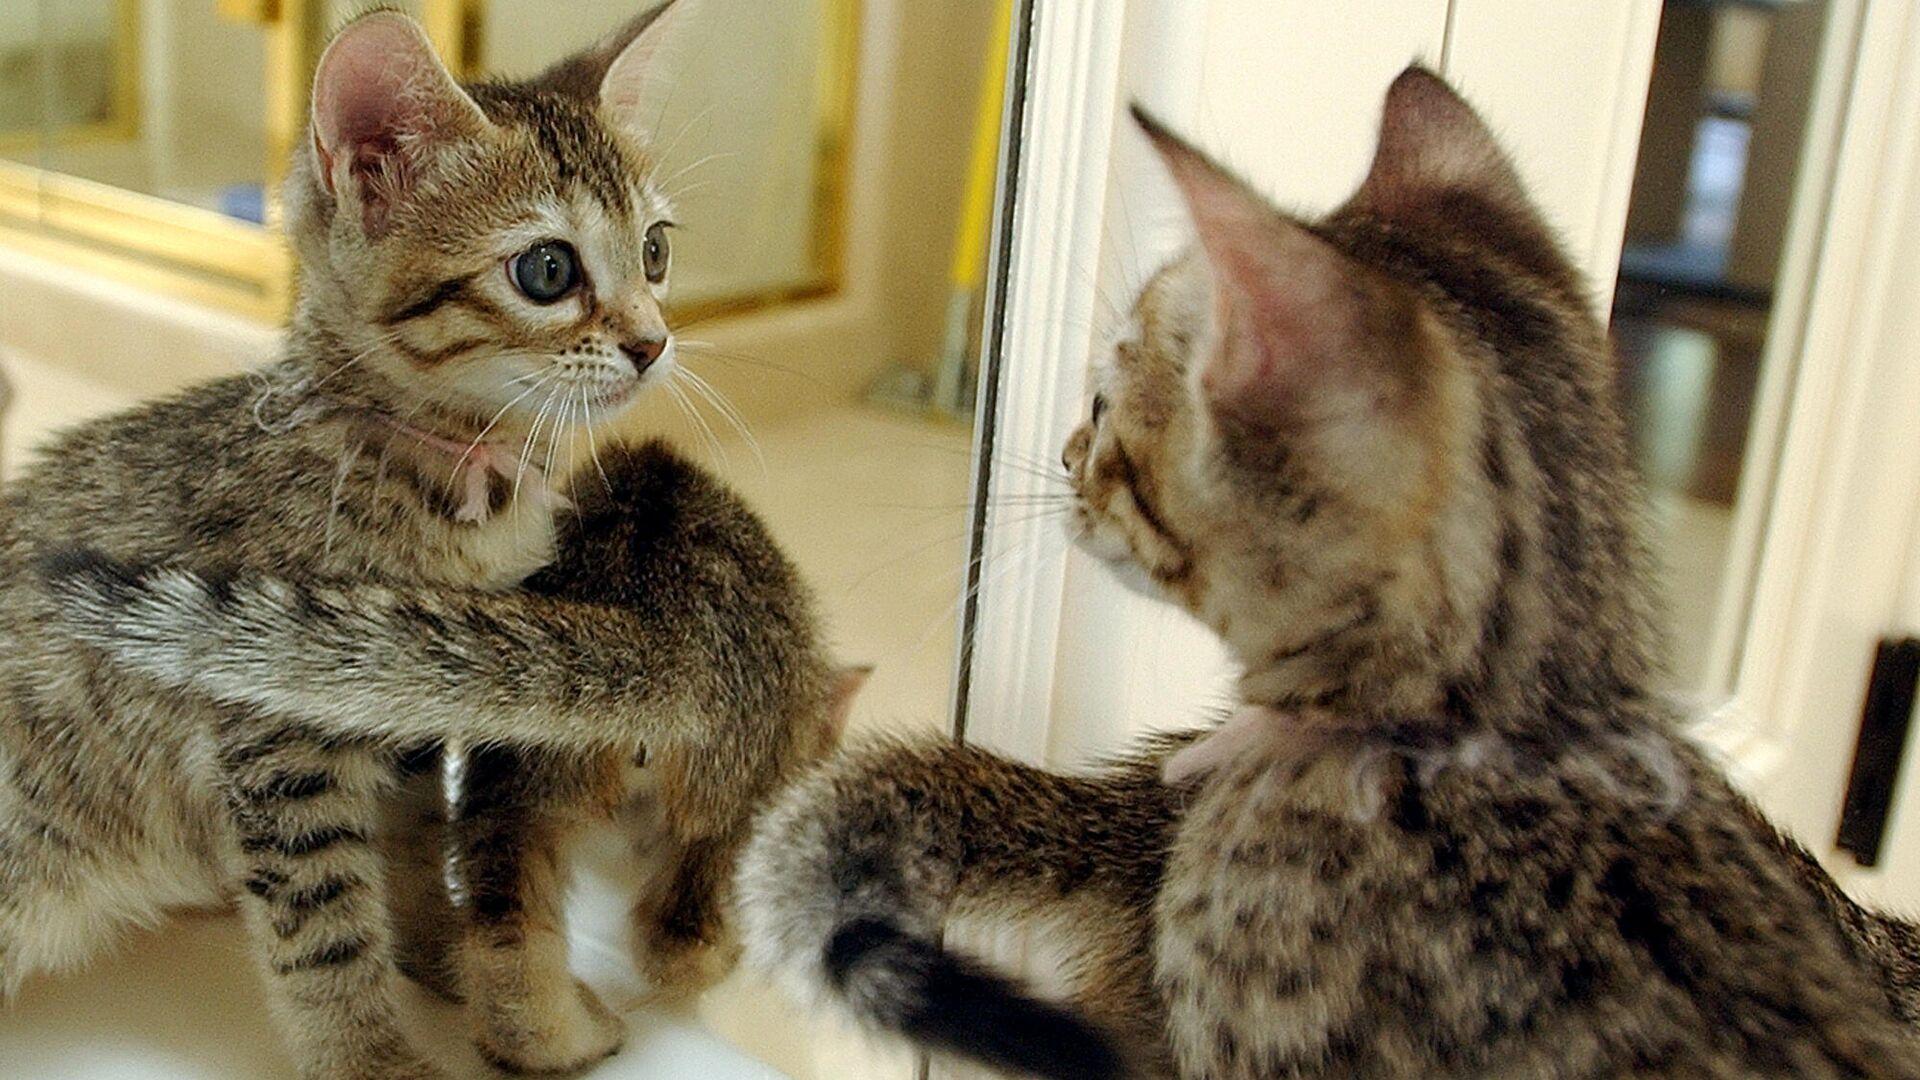 Клонированные котята в Сан-Франциско - РИА Новости, 1920, 29.04.2021